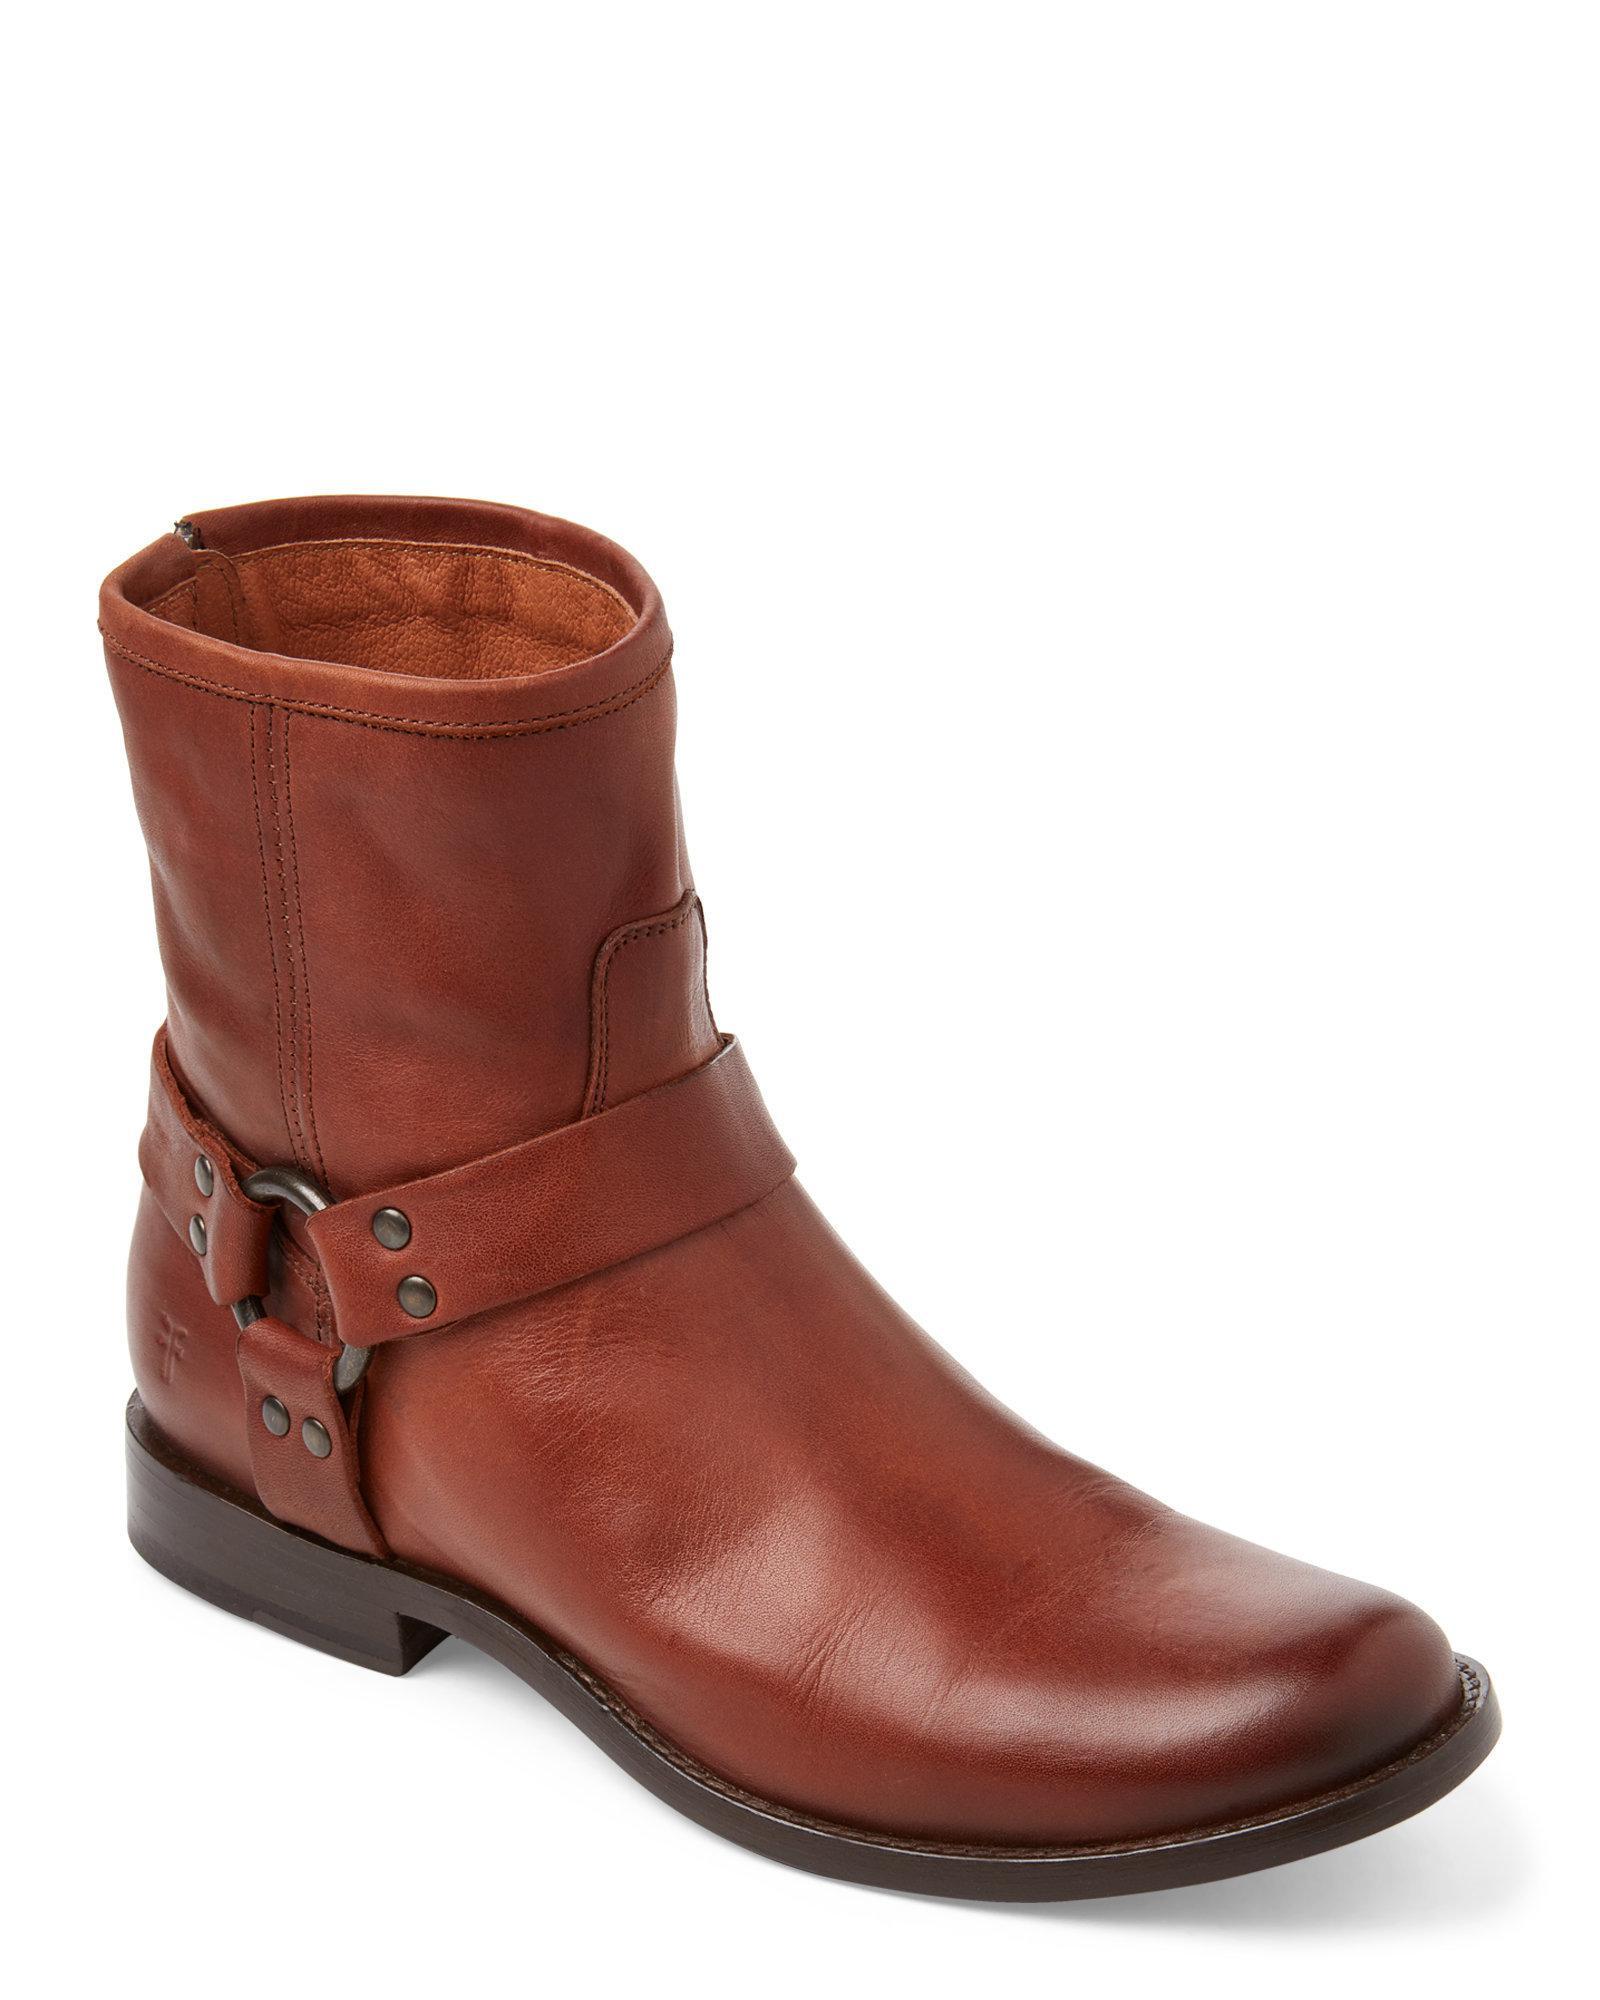 frye Cognac Cognac Phillip Harness Short Leather Boots lyst frye cognac phillip harness short leather boots in brown